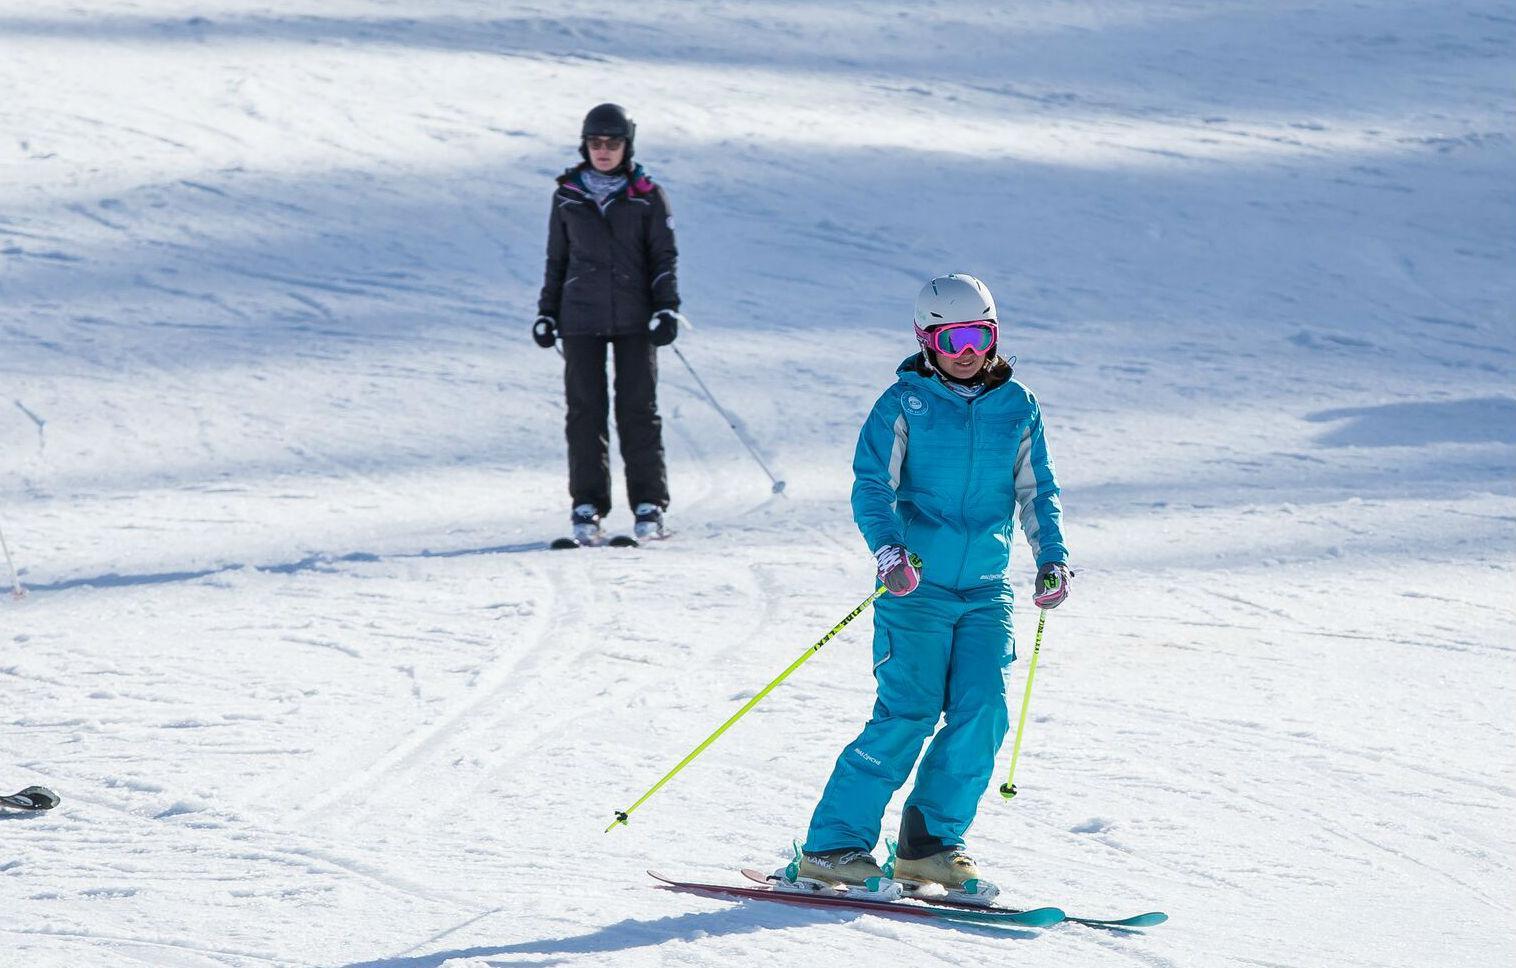 Cours de ski Ados & Adultes - Haute saison